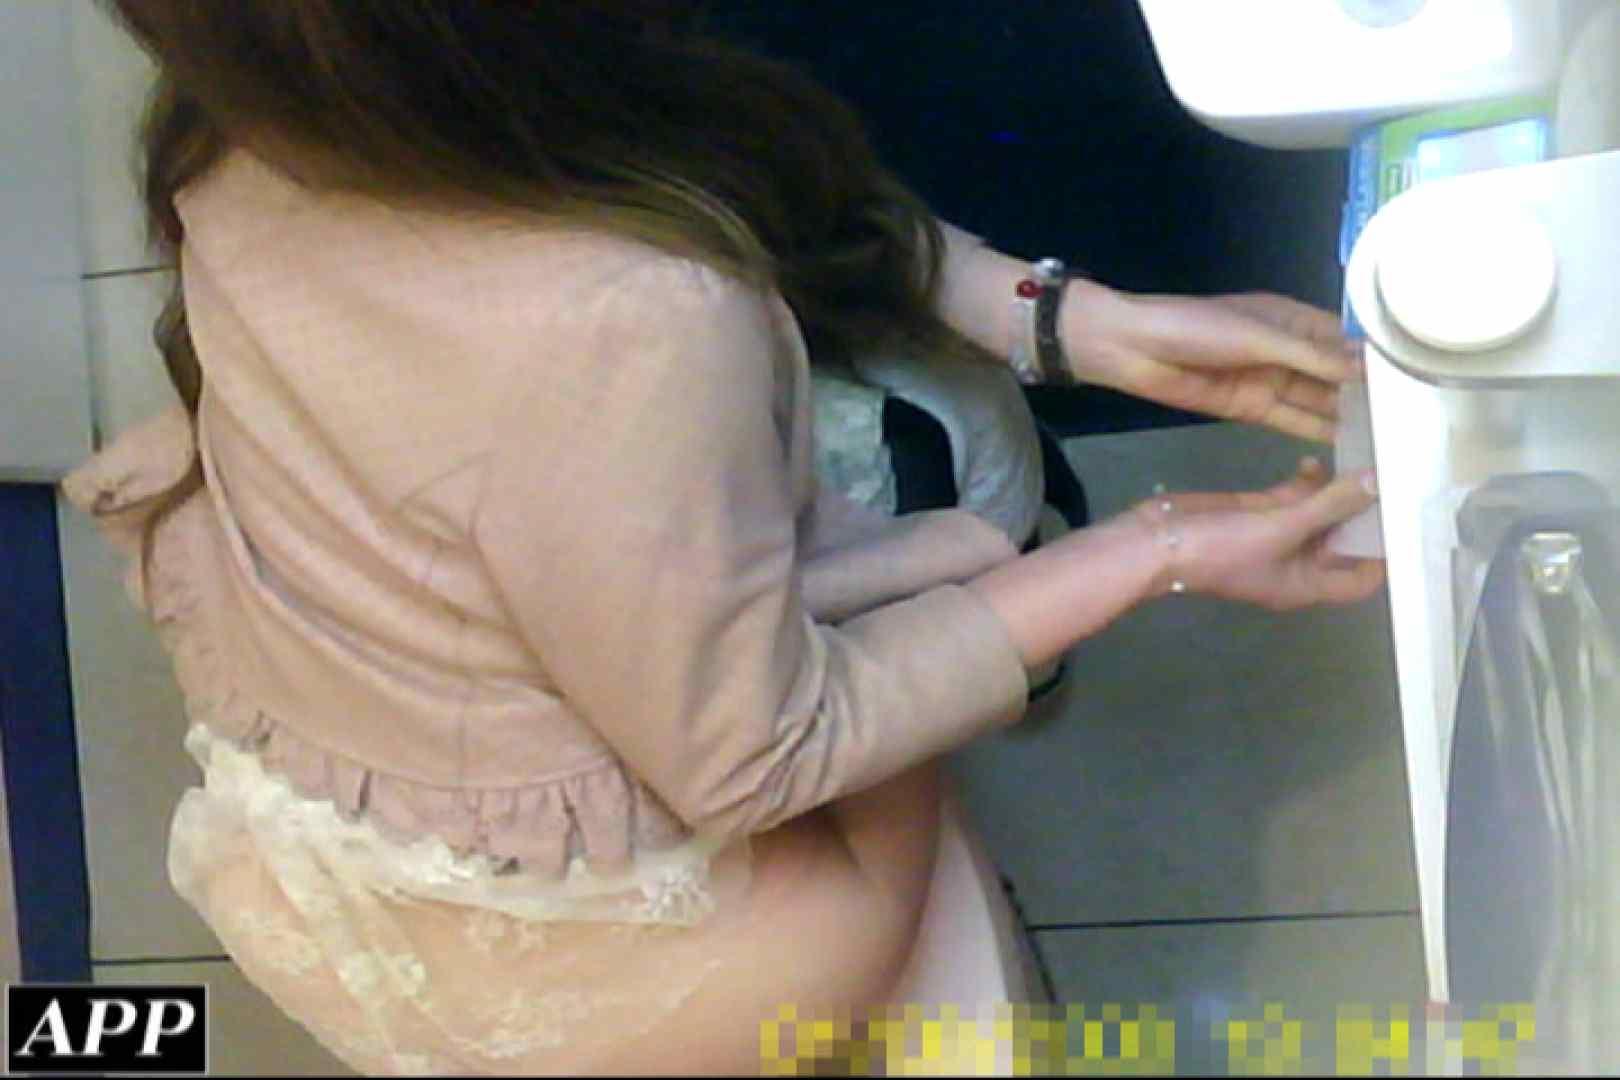 3視点洗面所 vol.107 OLの実態 盗撮われめAV動画紹介 100pic 50